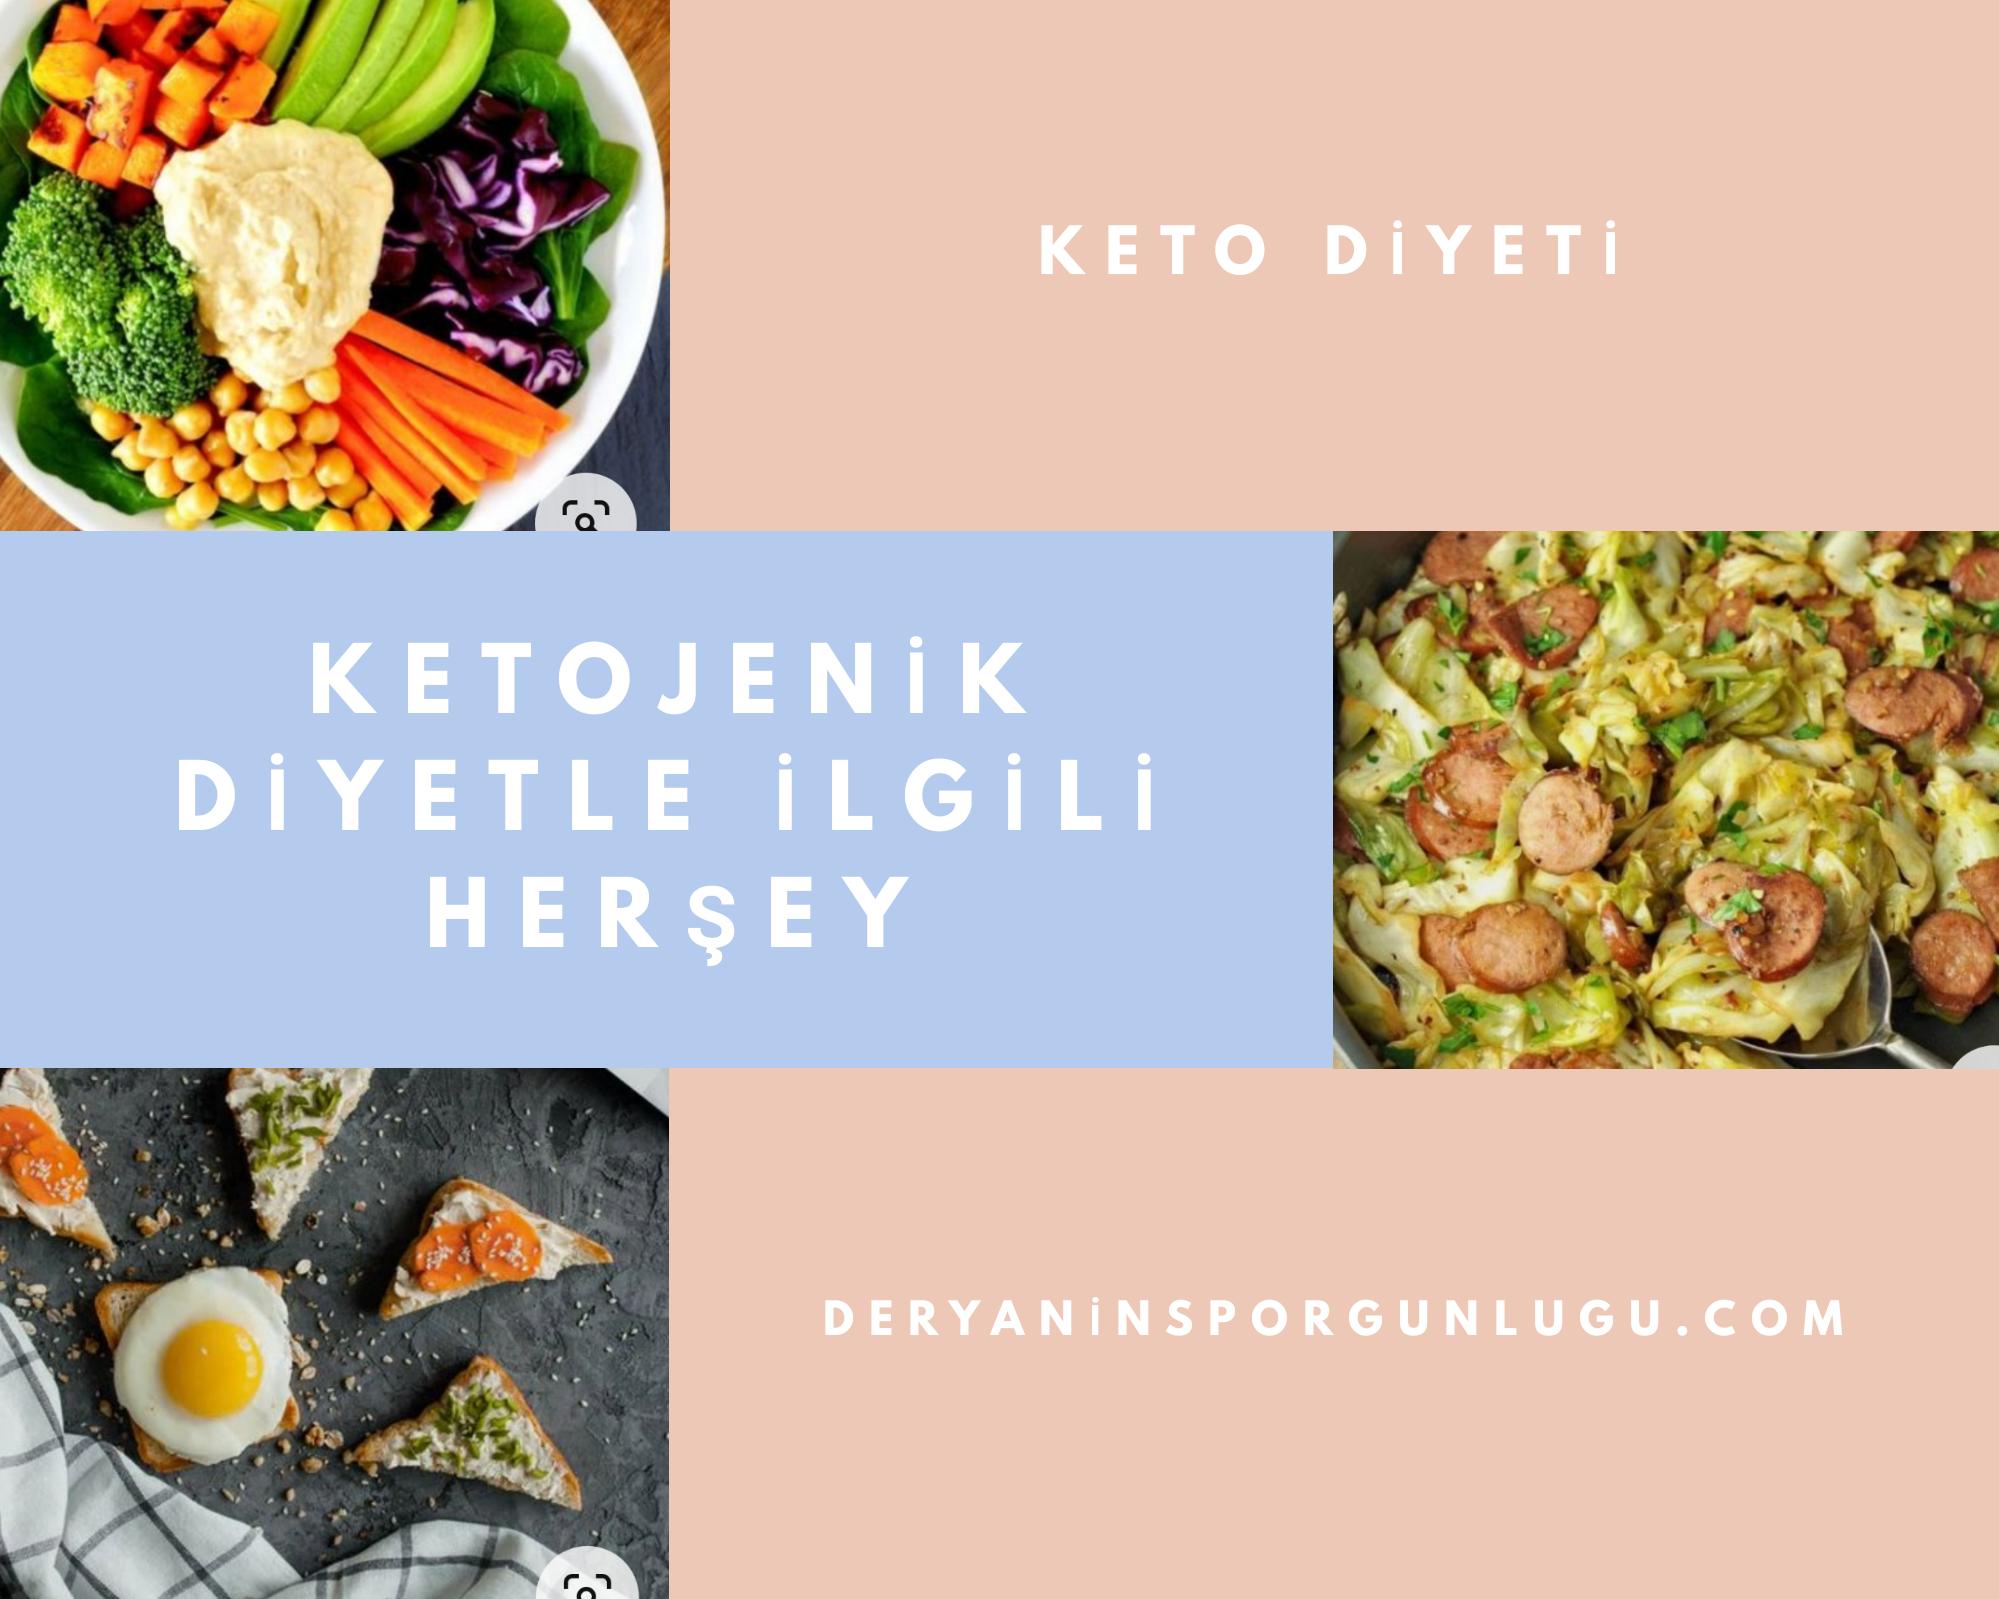 keto diyeti ile kilo vermek